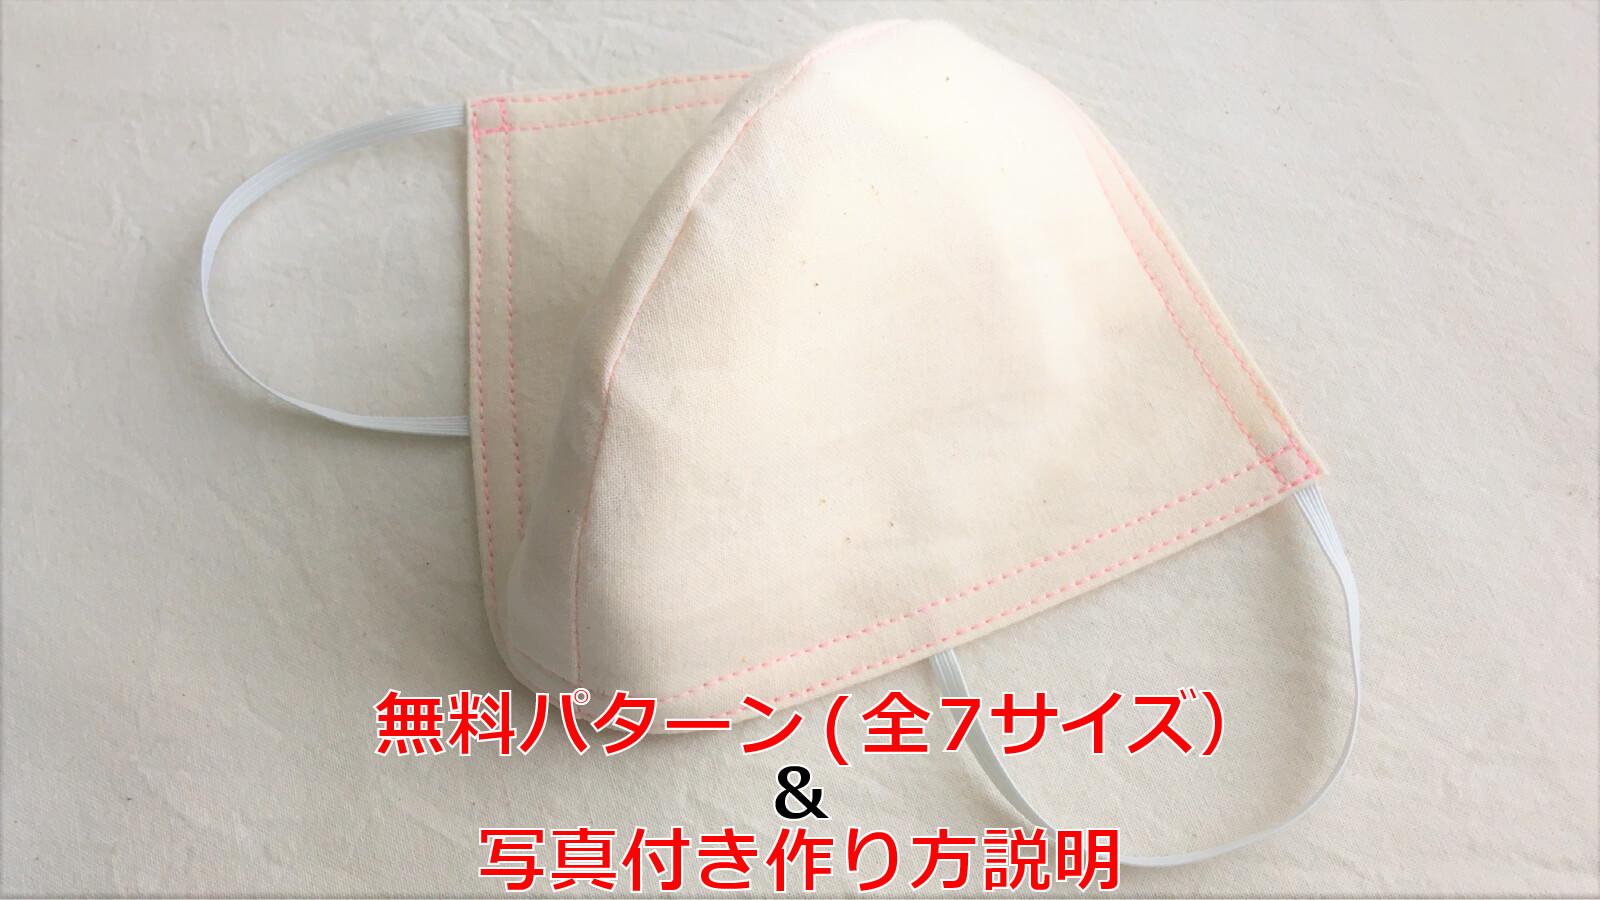 シンプルなカーブマスクの写真